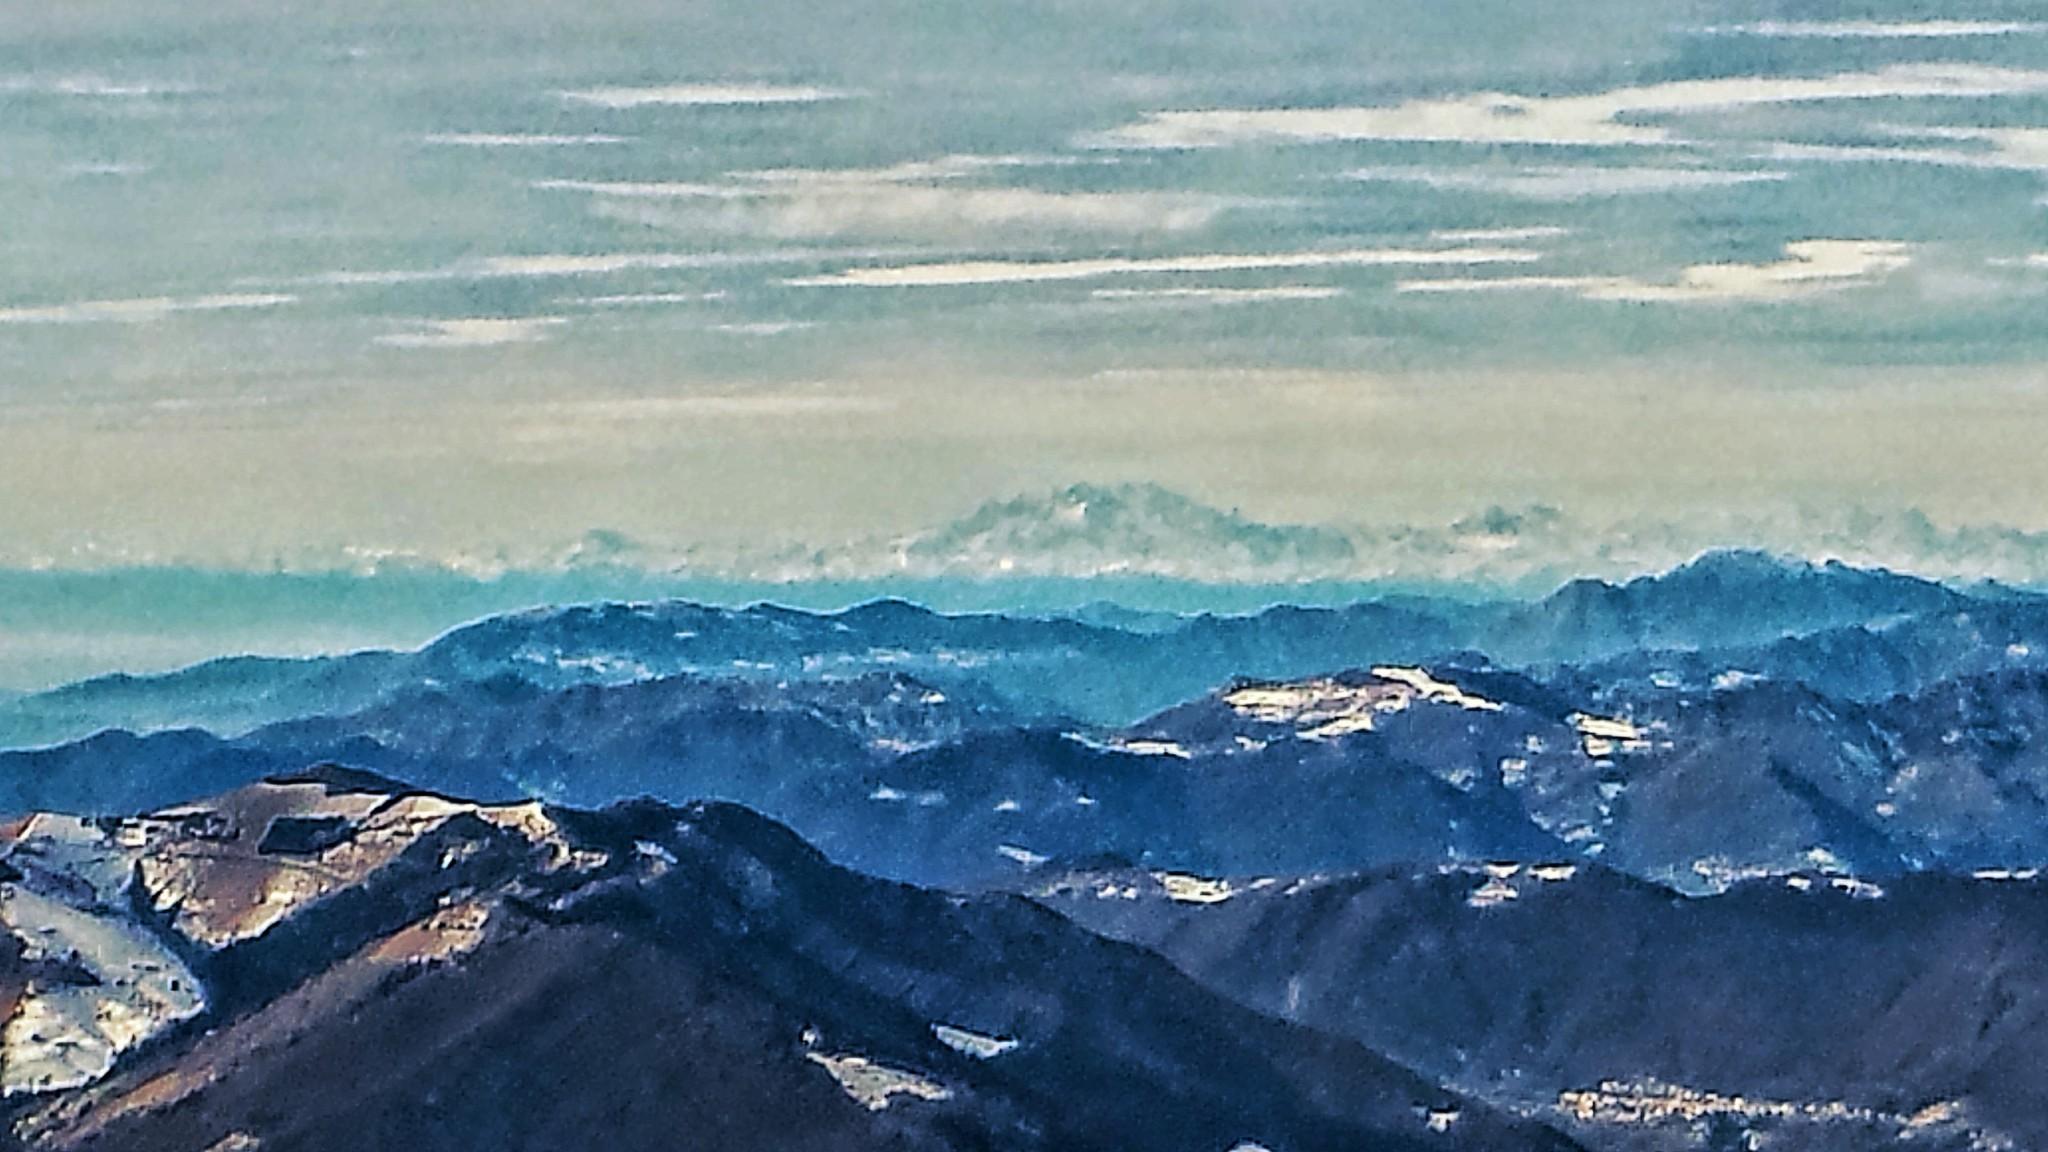 Monte Rosa in lontananza